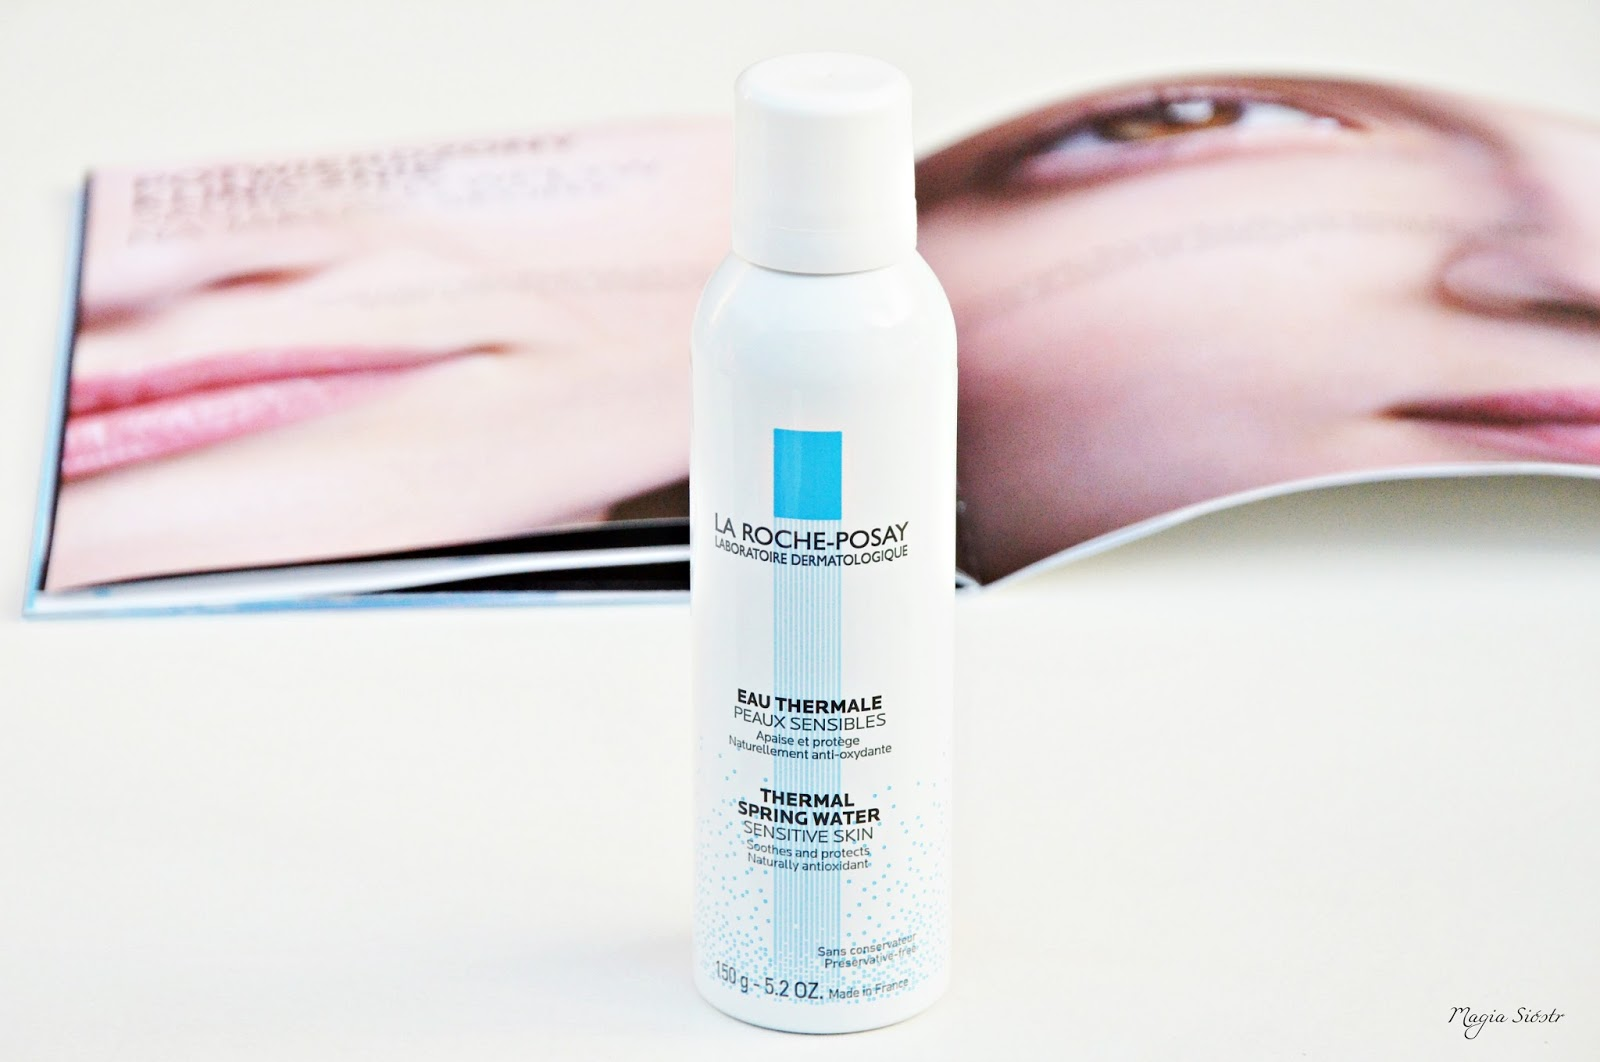 kosmetyki do twarzy, woda termalna, larocheposay